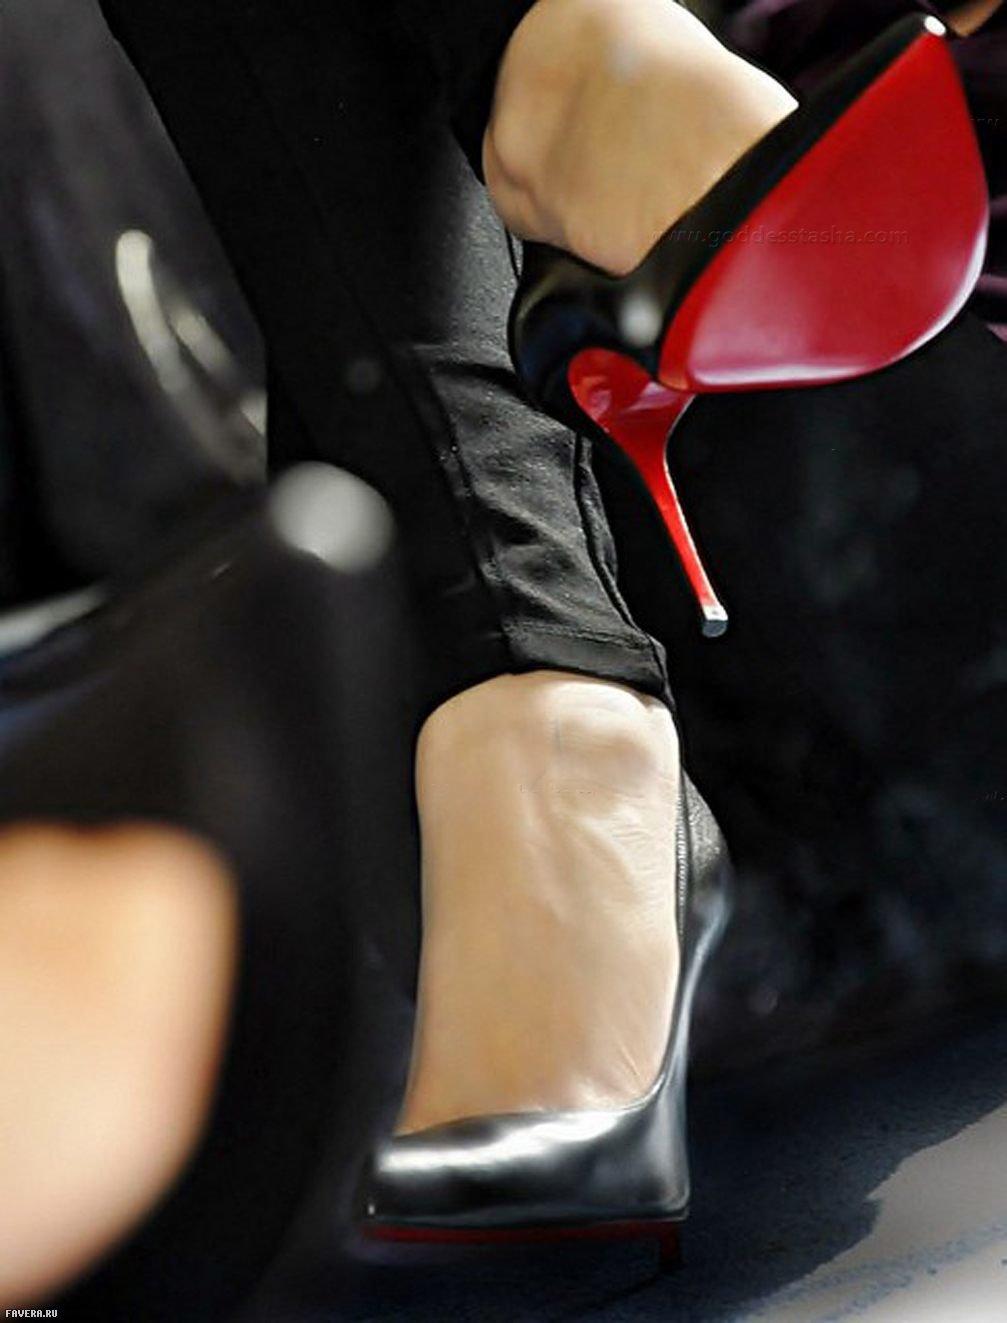 Целовать туфли бизнес-леди фото, как предложить перепих